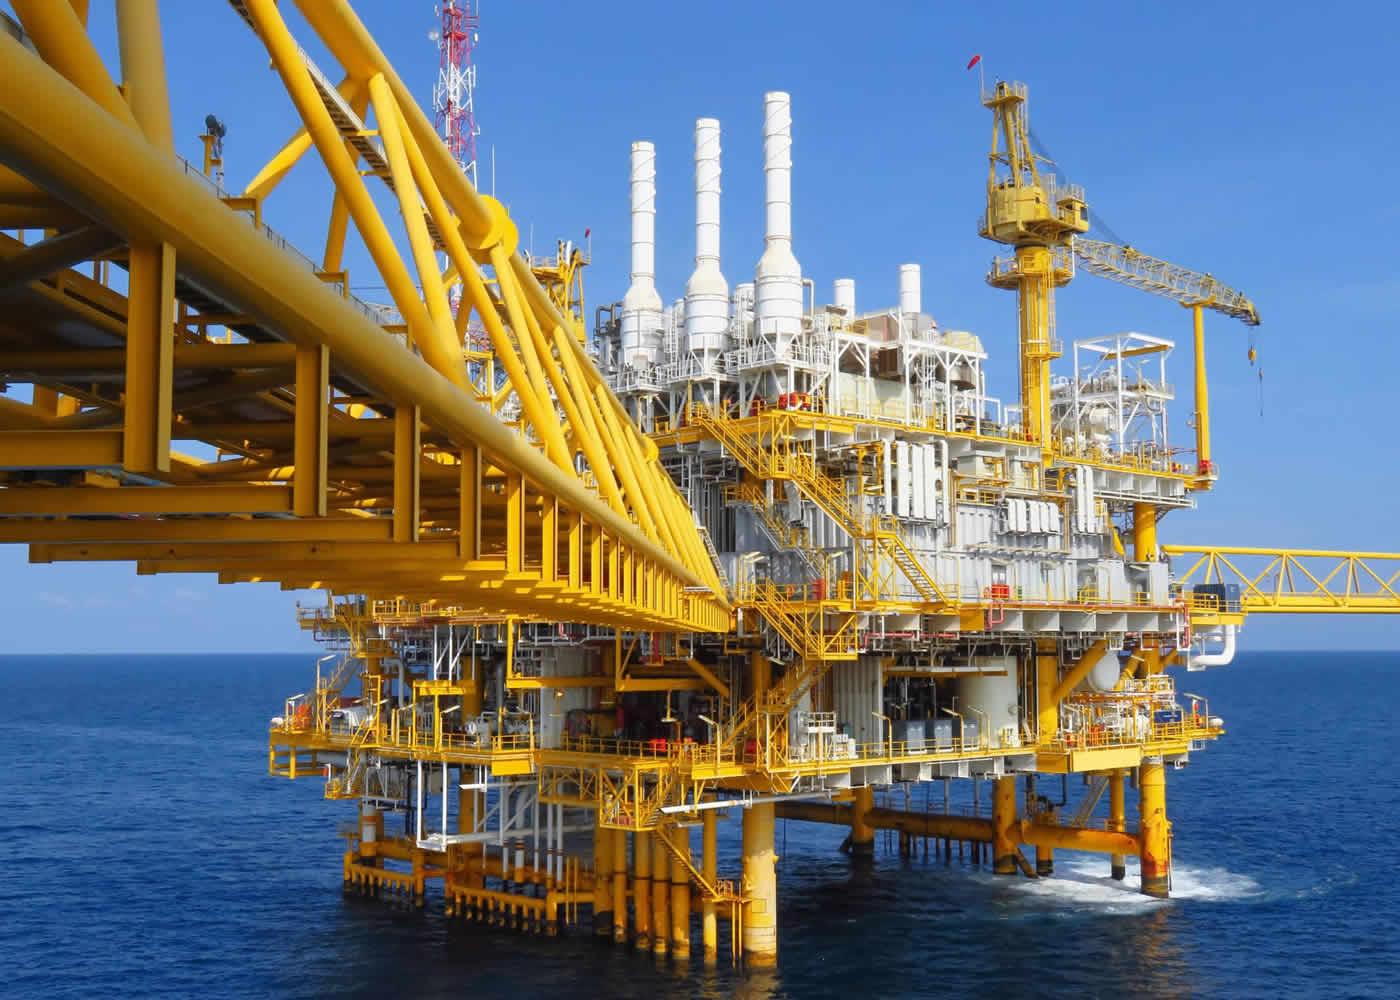 naem-2018-qanda-offshore-construction-platform-production-oil-gas-700x500